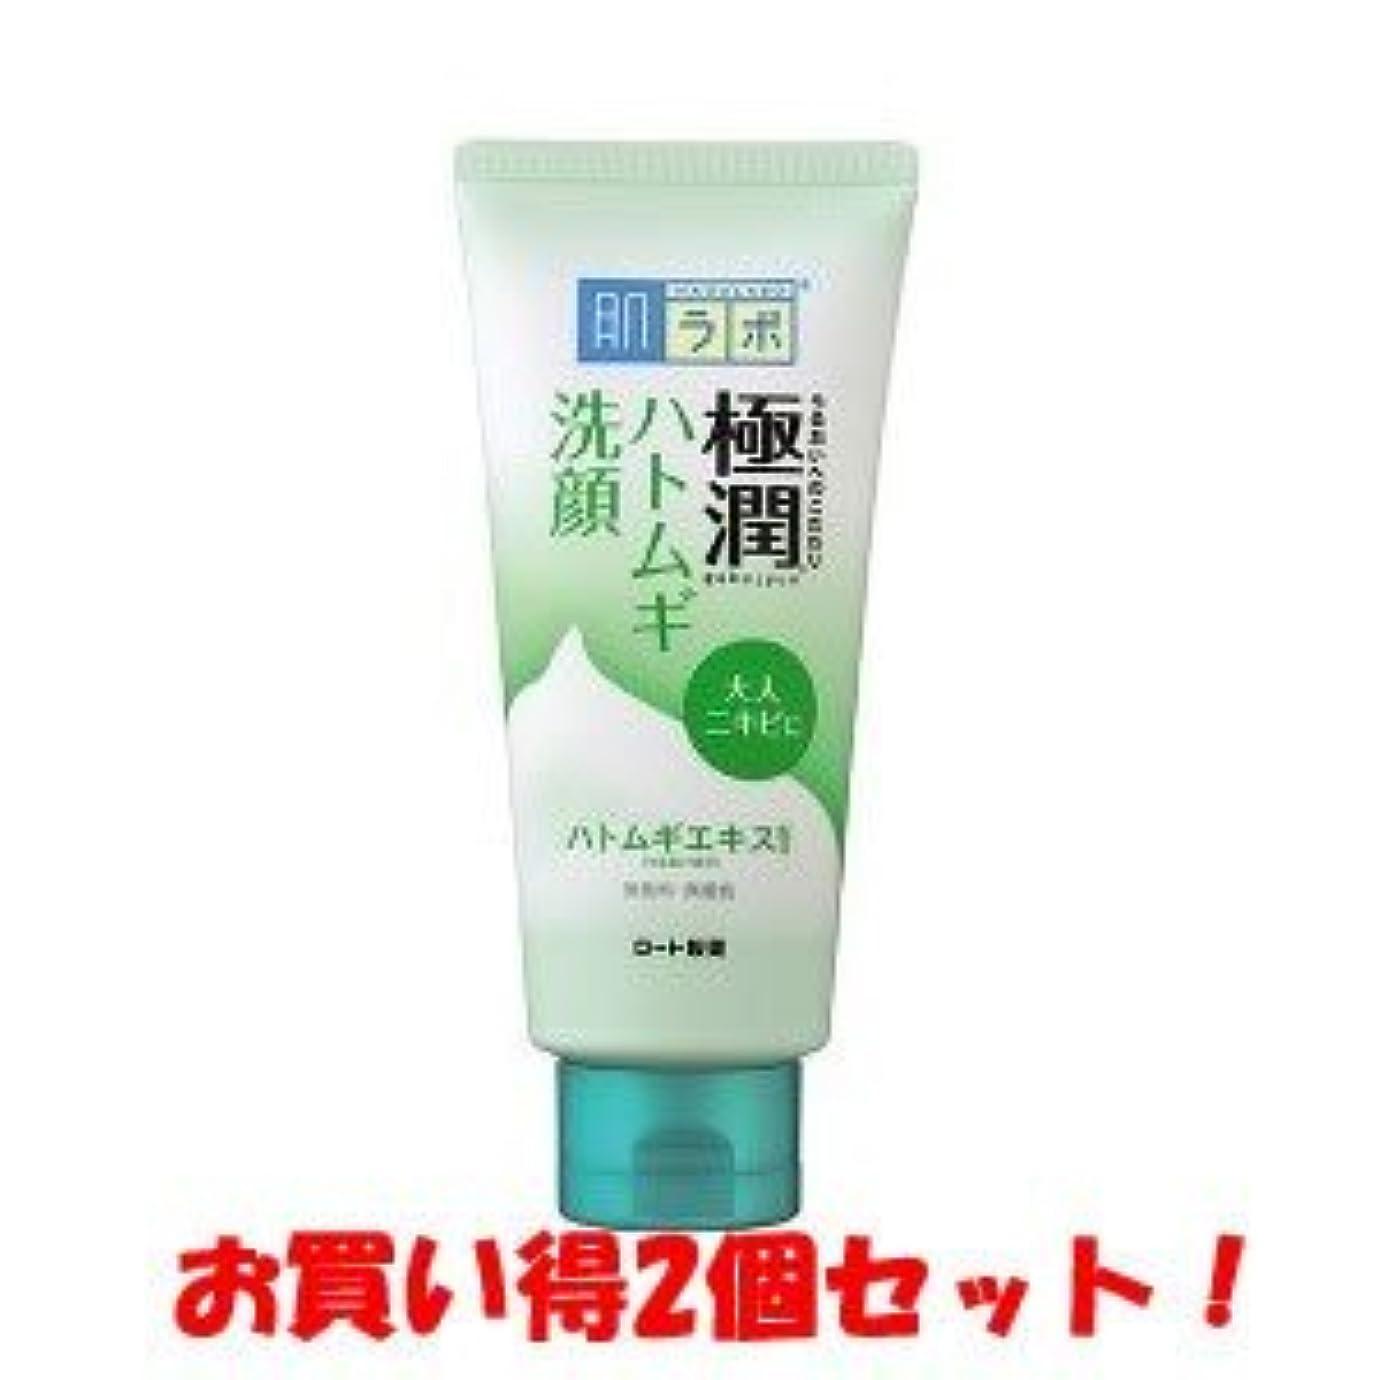 一貫性のない若者退屈(ロート製薬)肌研 極潤 ハトムギ洗顔フォーム 110g(お買い得2個セット)